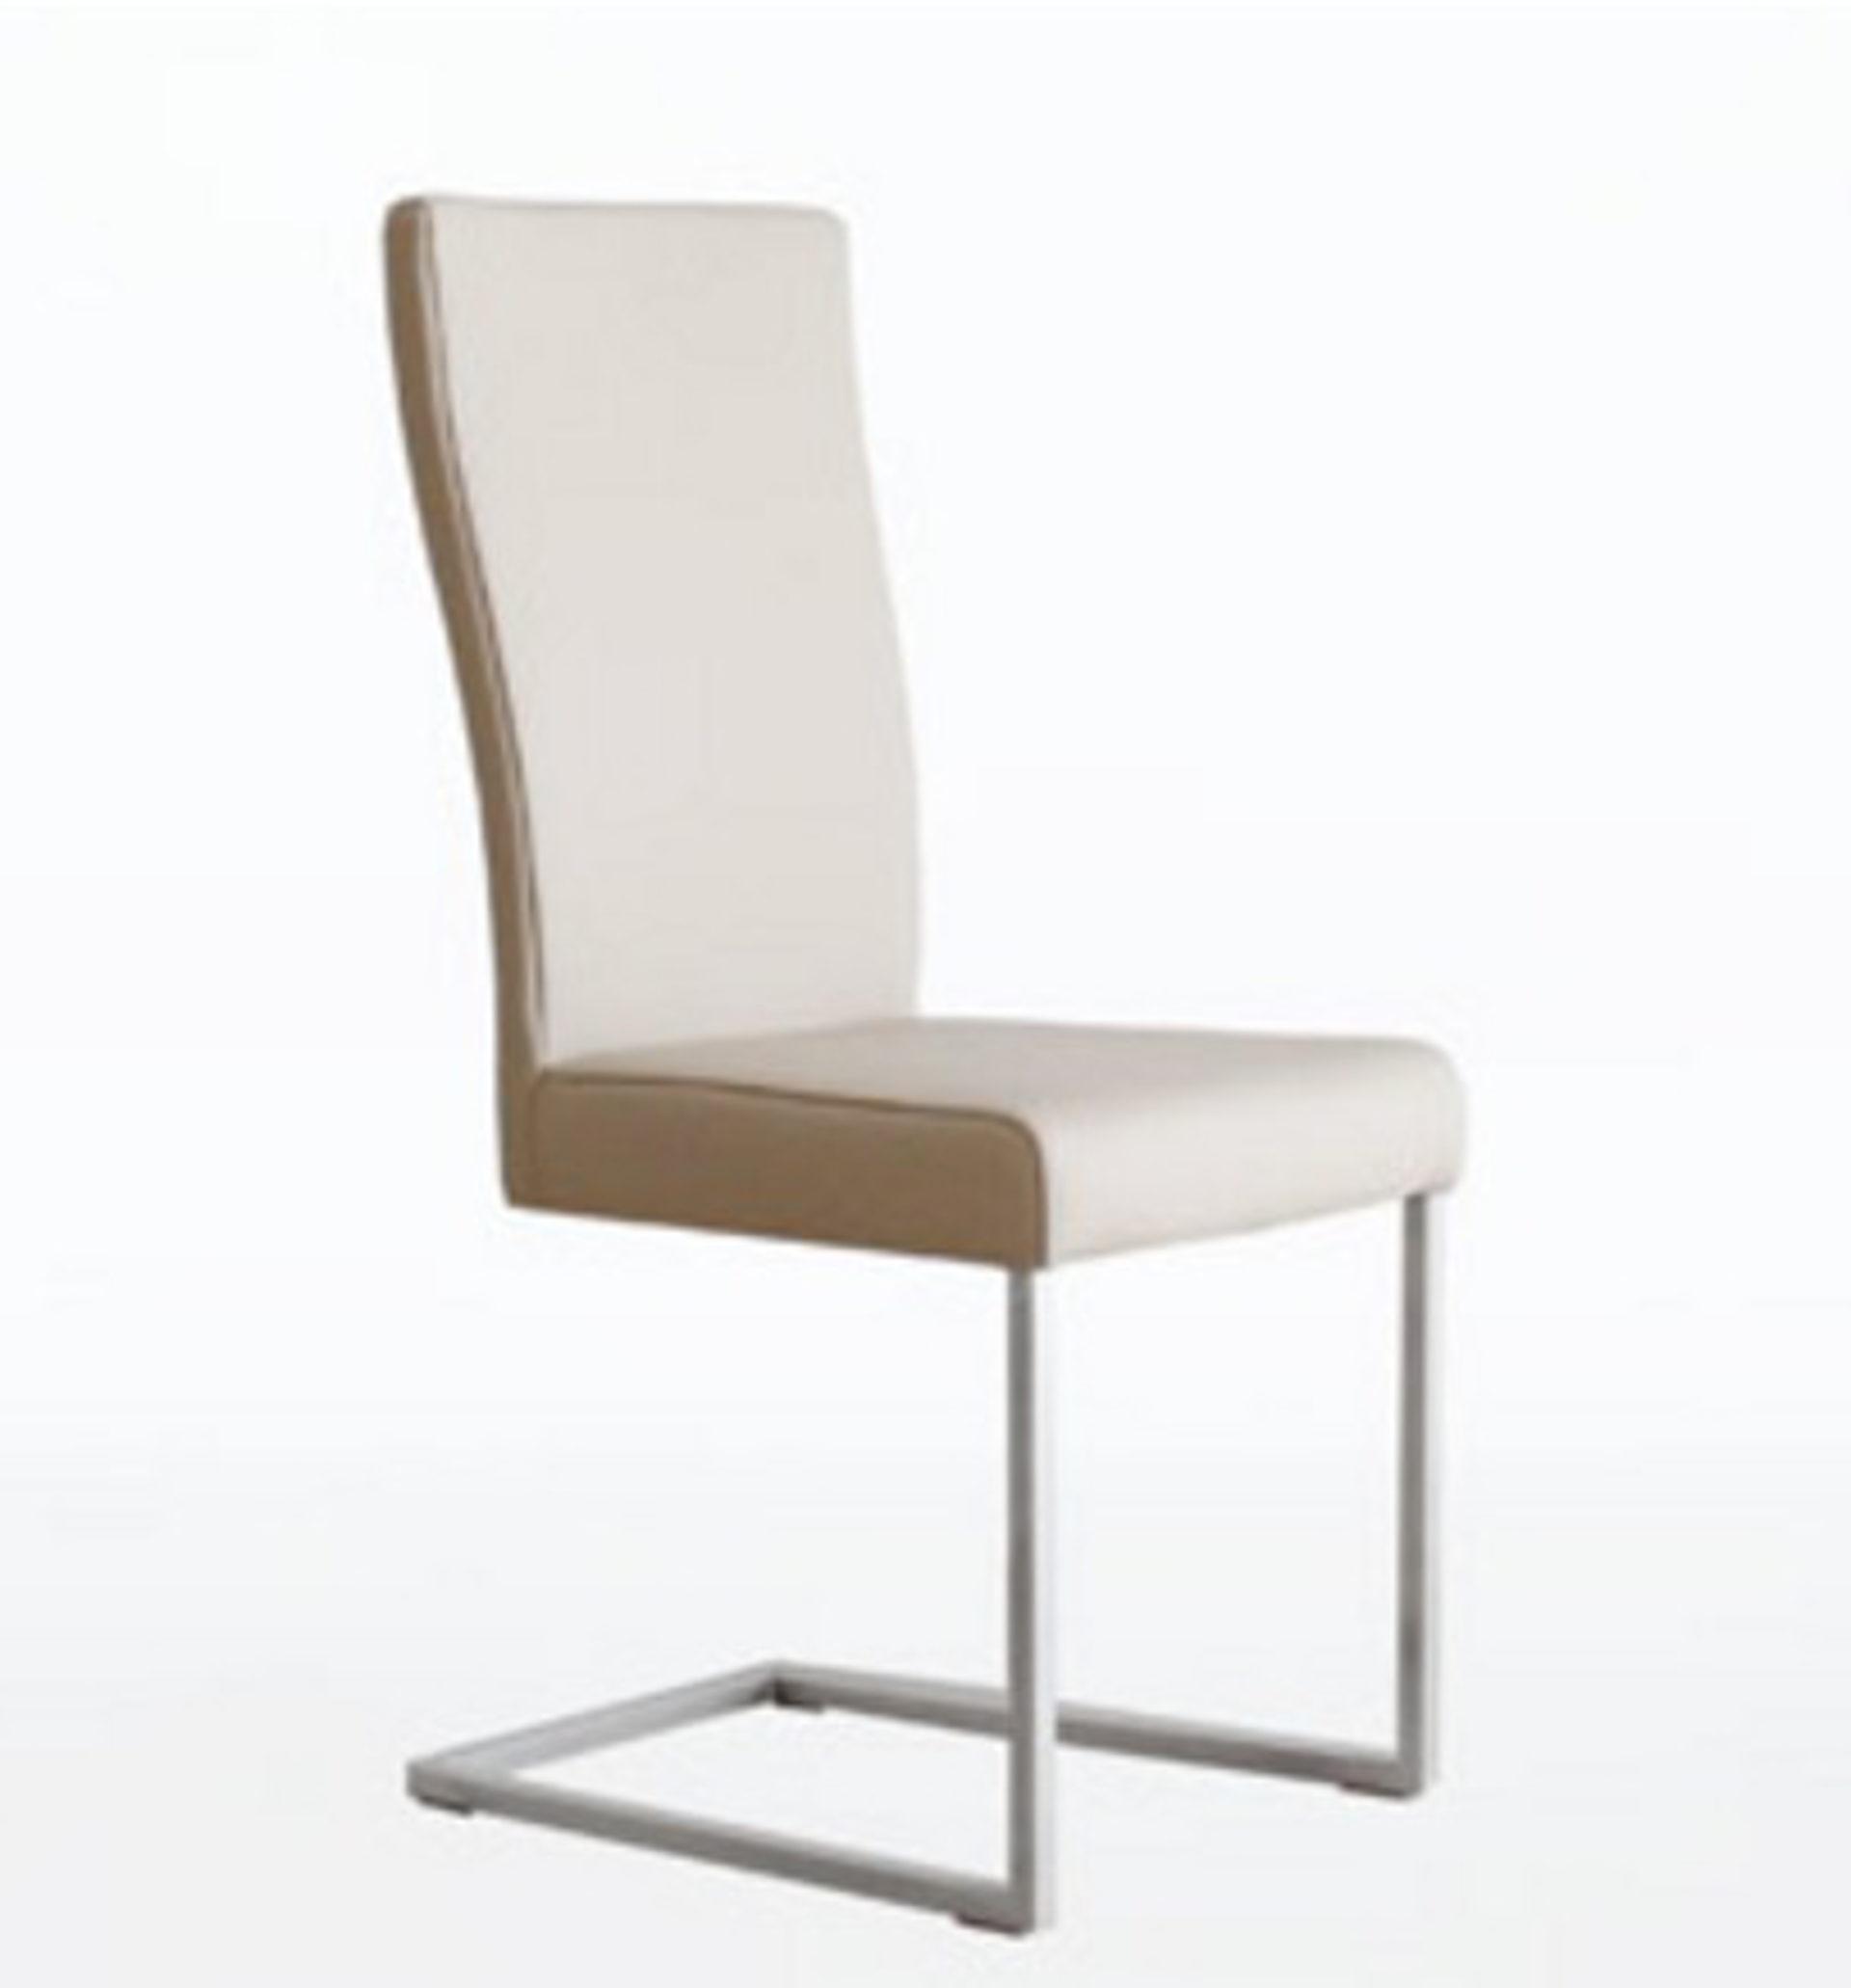 Moderne Stühle interliving hugelmann lahr markenshops stühle moderne gwinner